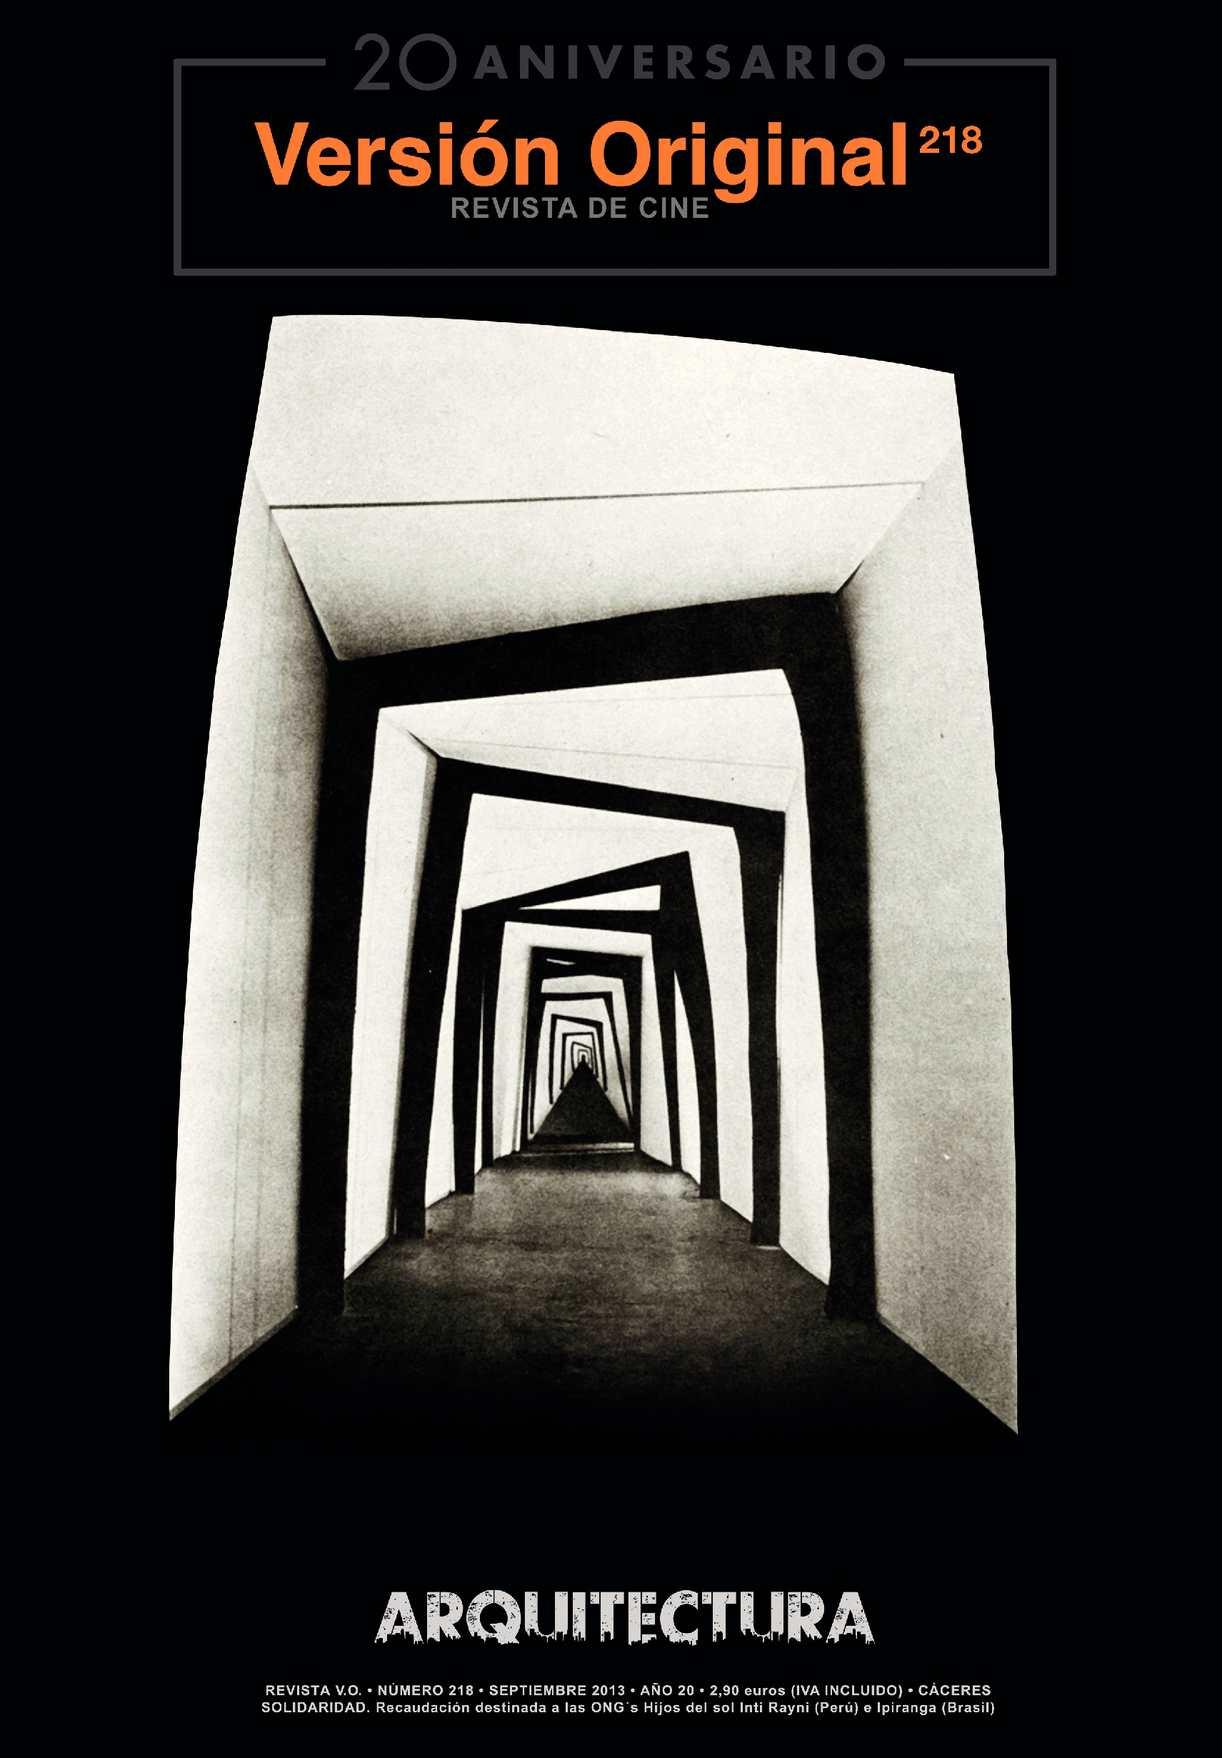 Revista de Cine Versión Original 218. Arquitectura